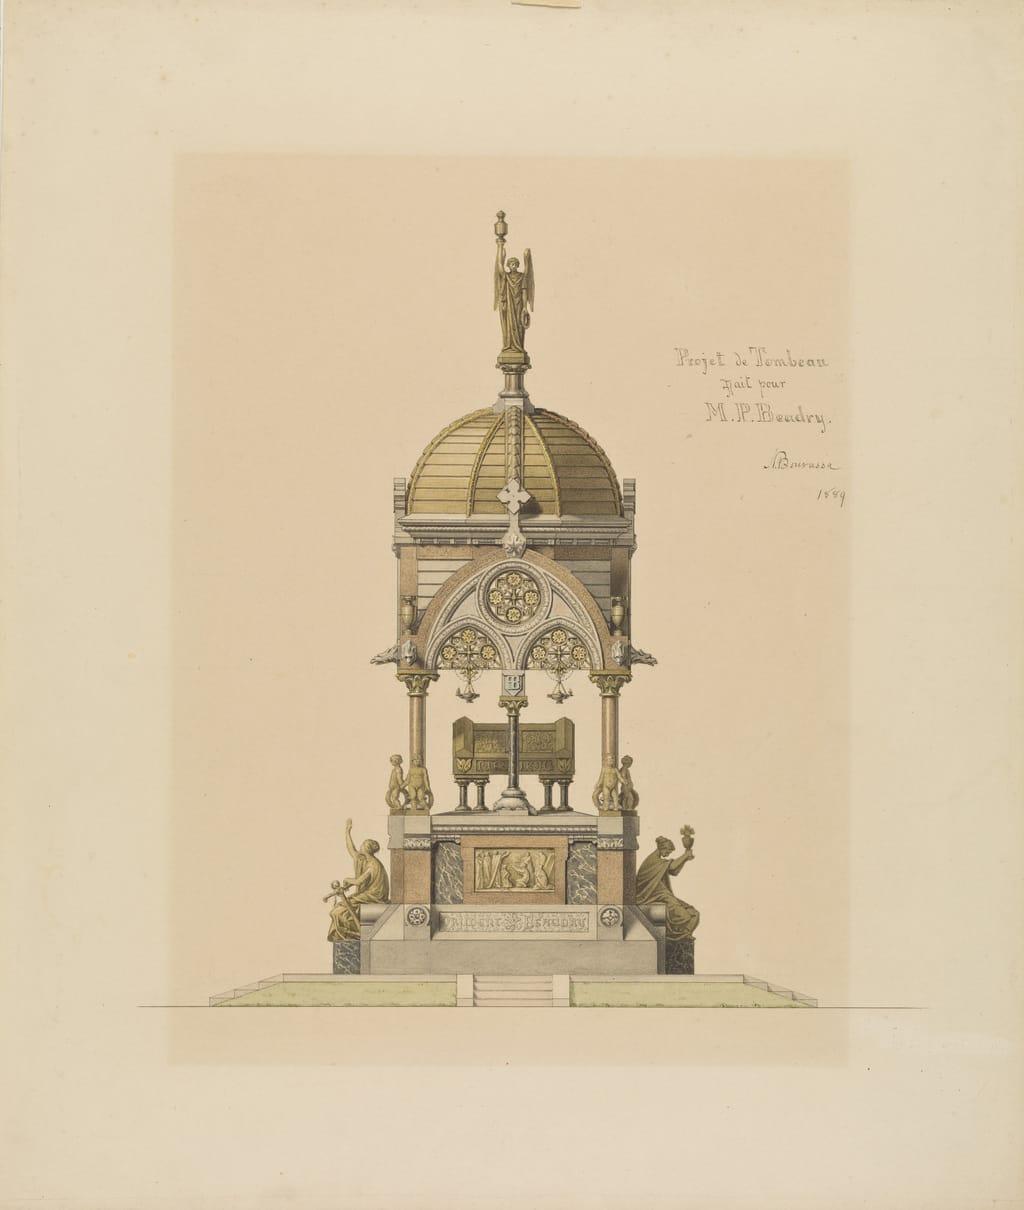 Projet d'un monument funéraire à Prudent Beaudry, à Montréal